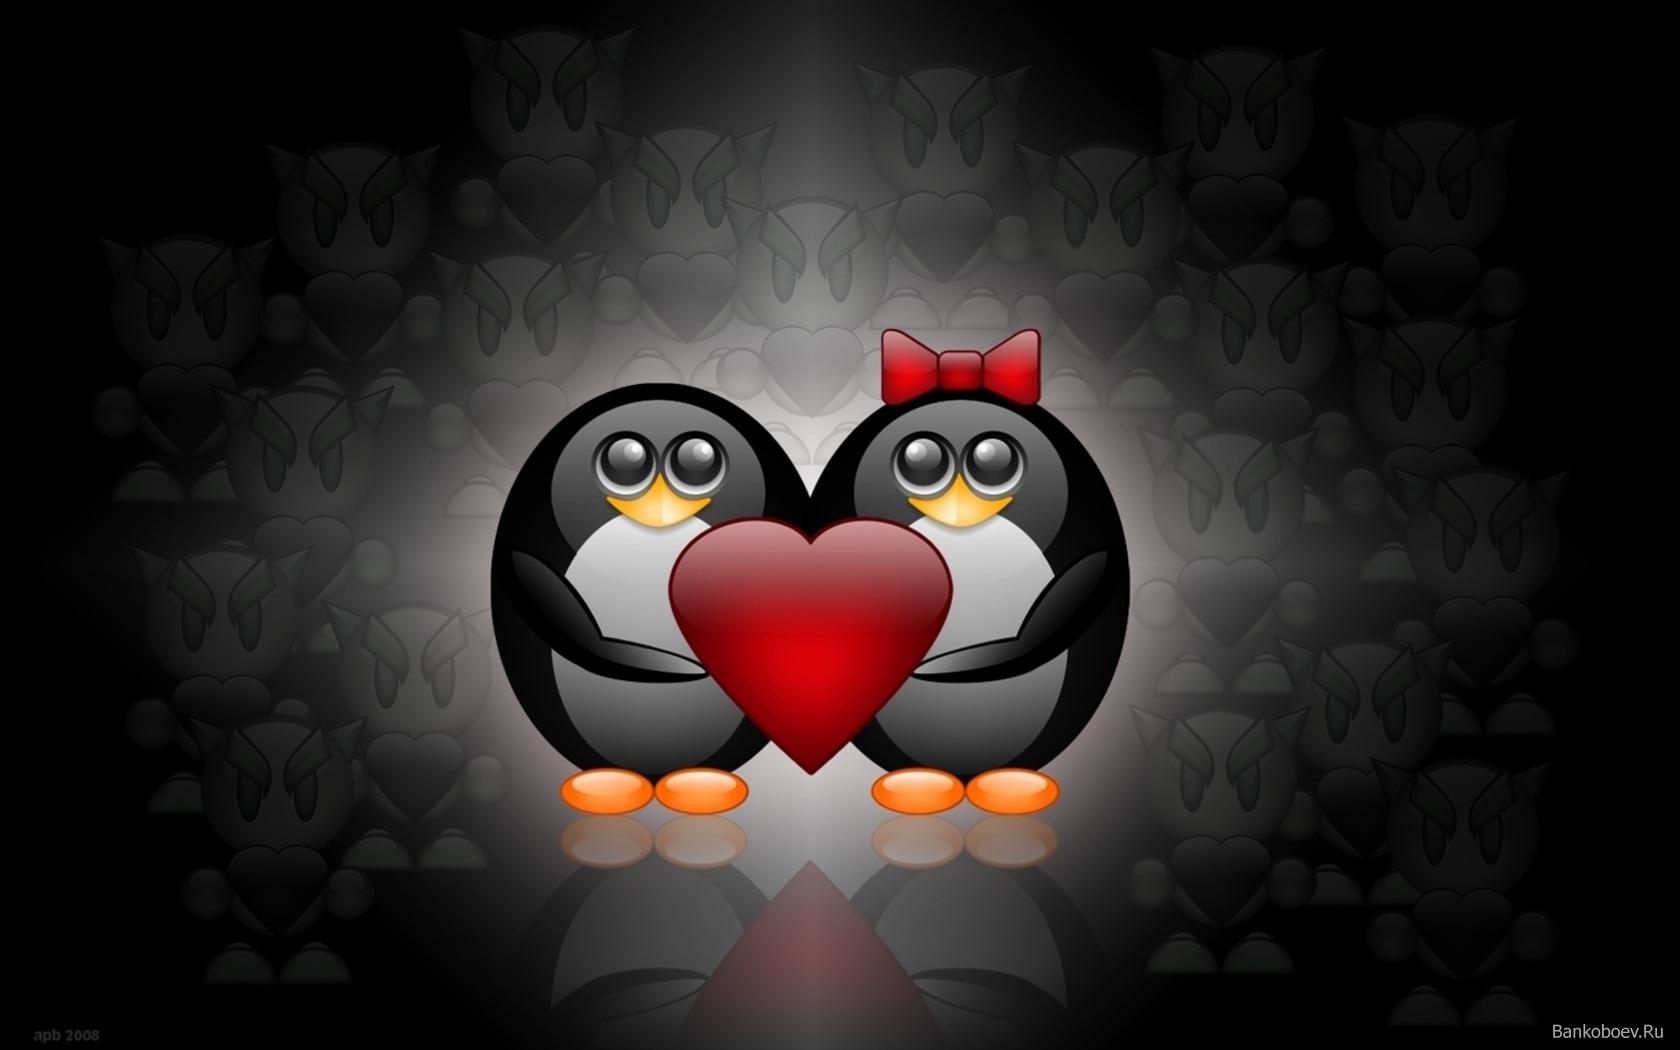 пара влюбленных пингвинов, скачать фото, обои для рабочего стола